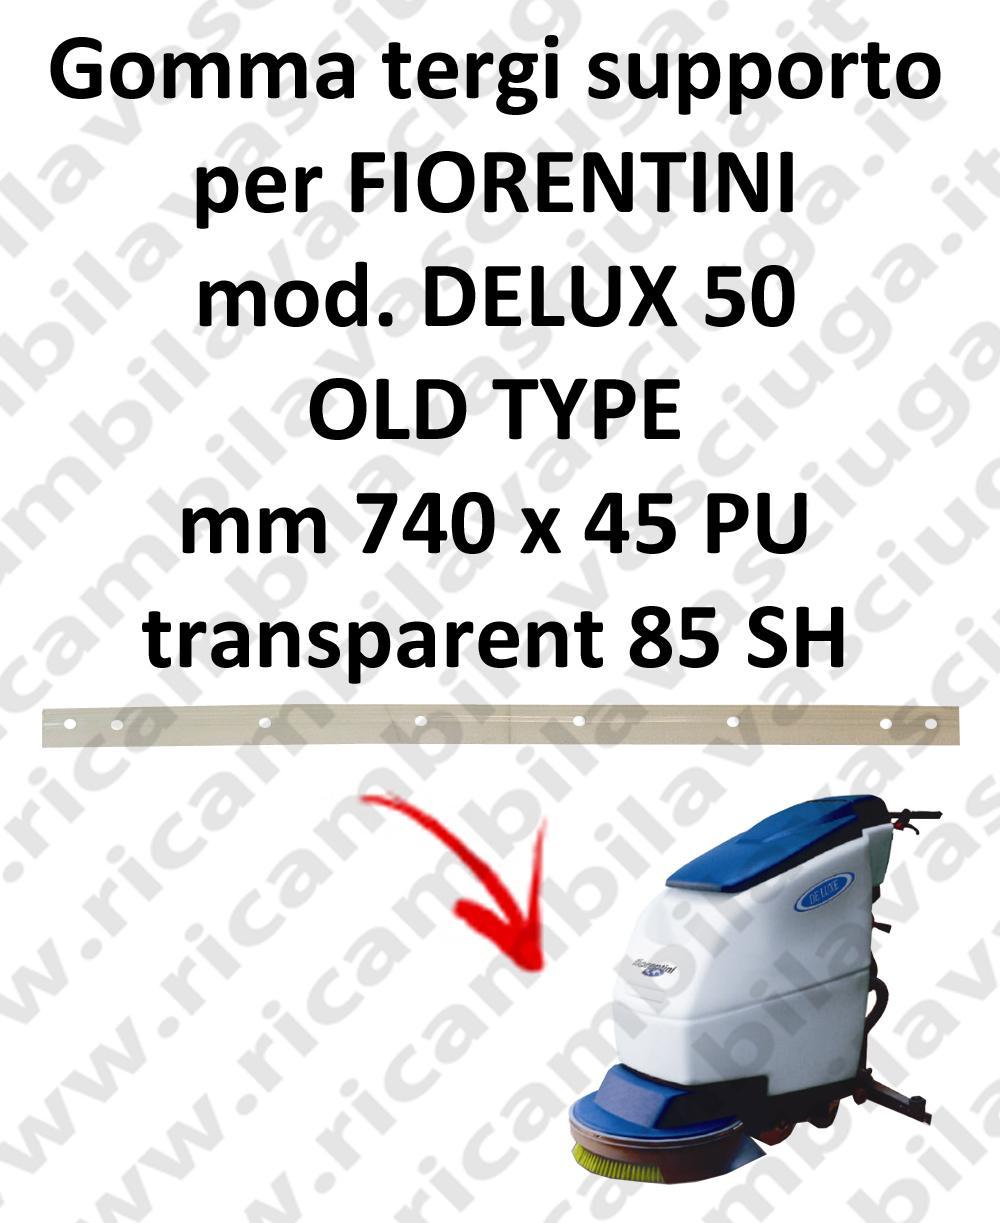 DELUX 50 old type GOMMA TERGI supporto per tergipavimento FIORENTINI